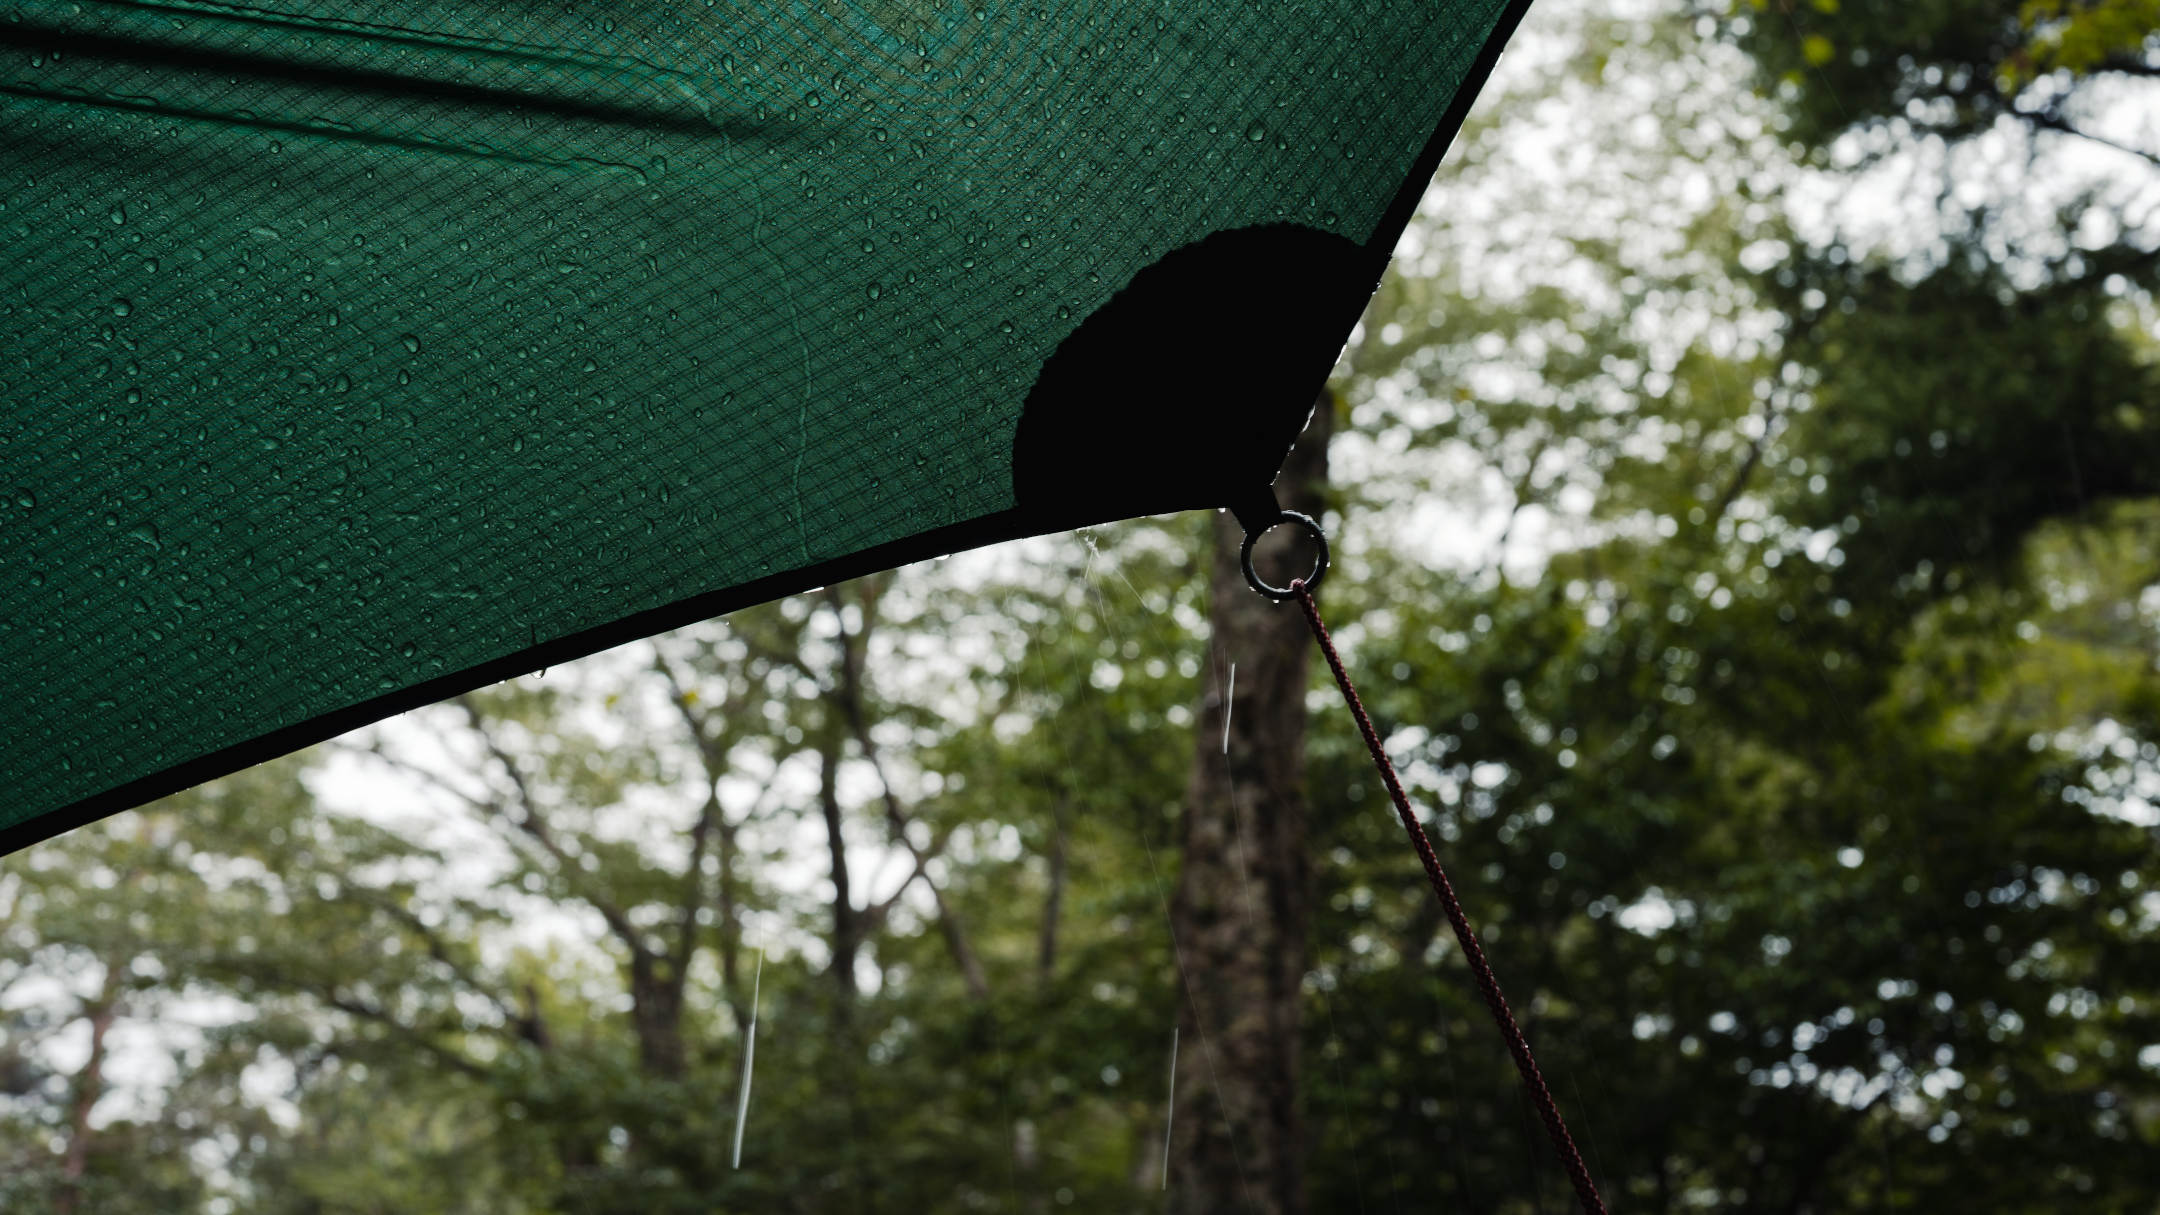 【雨キャンプ】雨でもキャンプ写真は楽しめる!撮影のポイントと雨対策